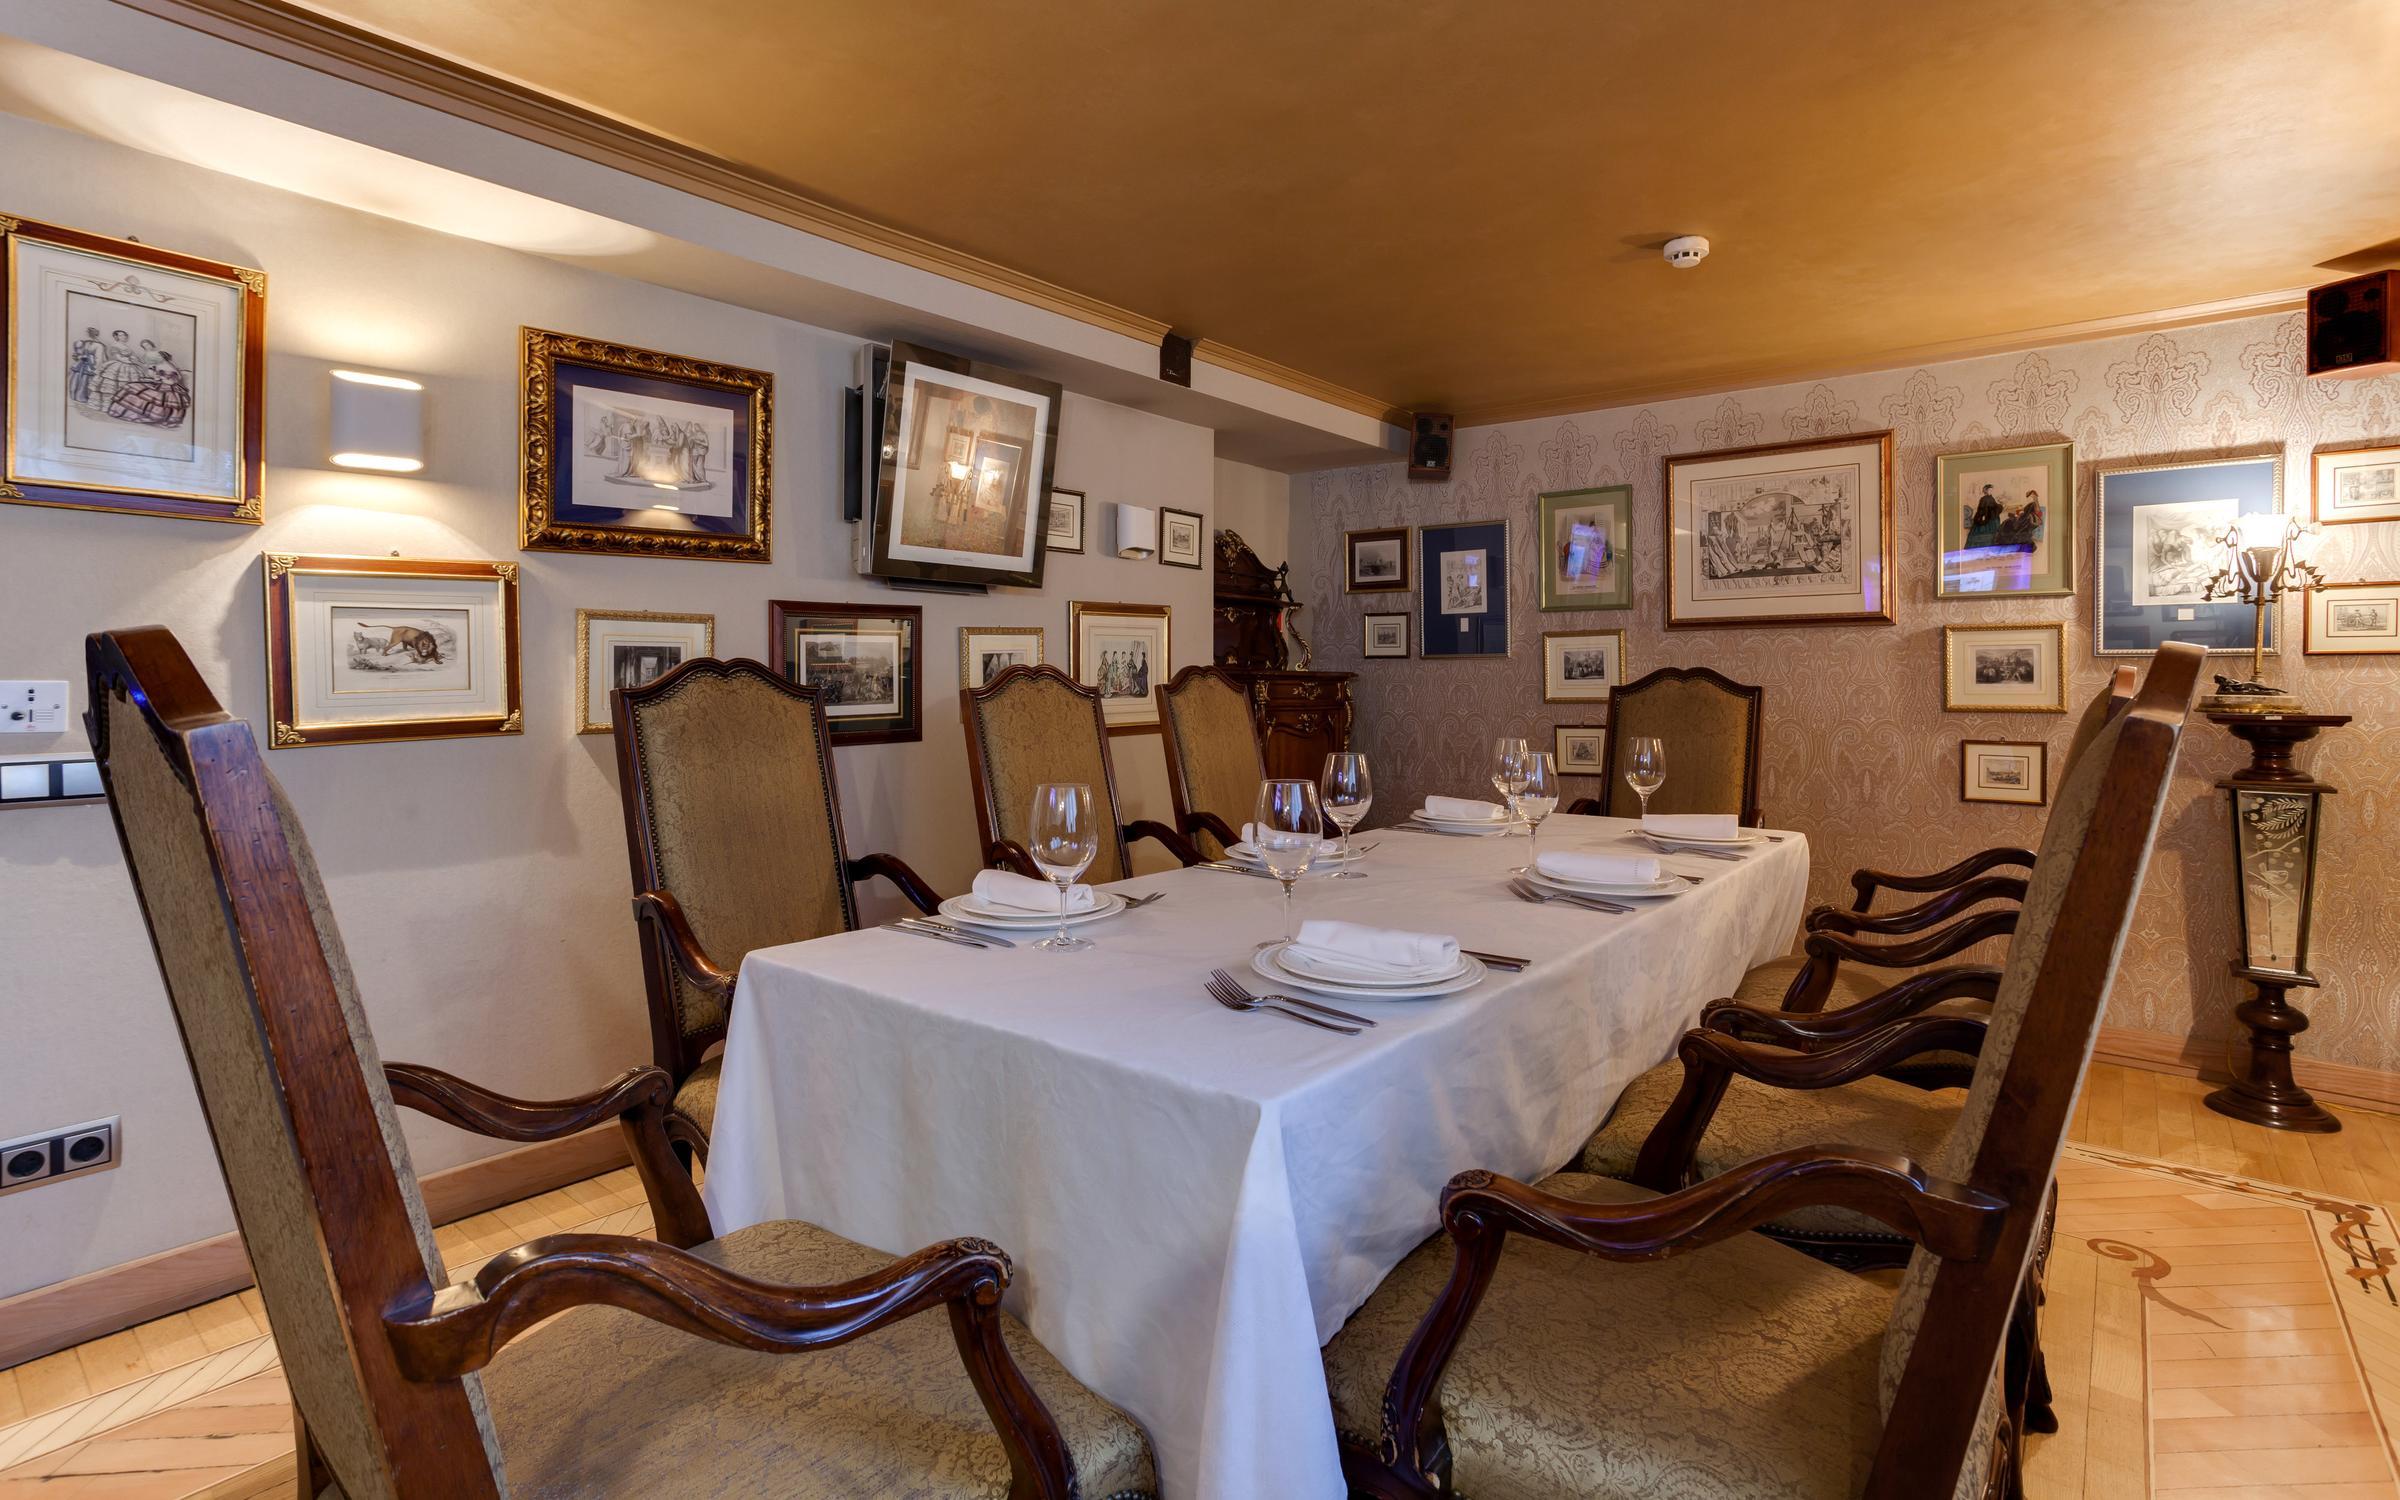 фотография Ресторана RIX на Кутузовском проспекте